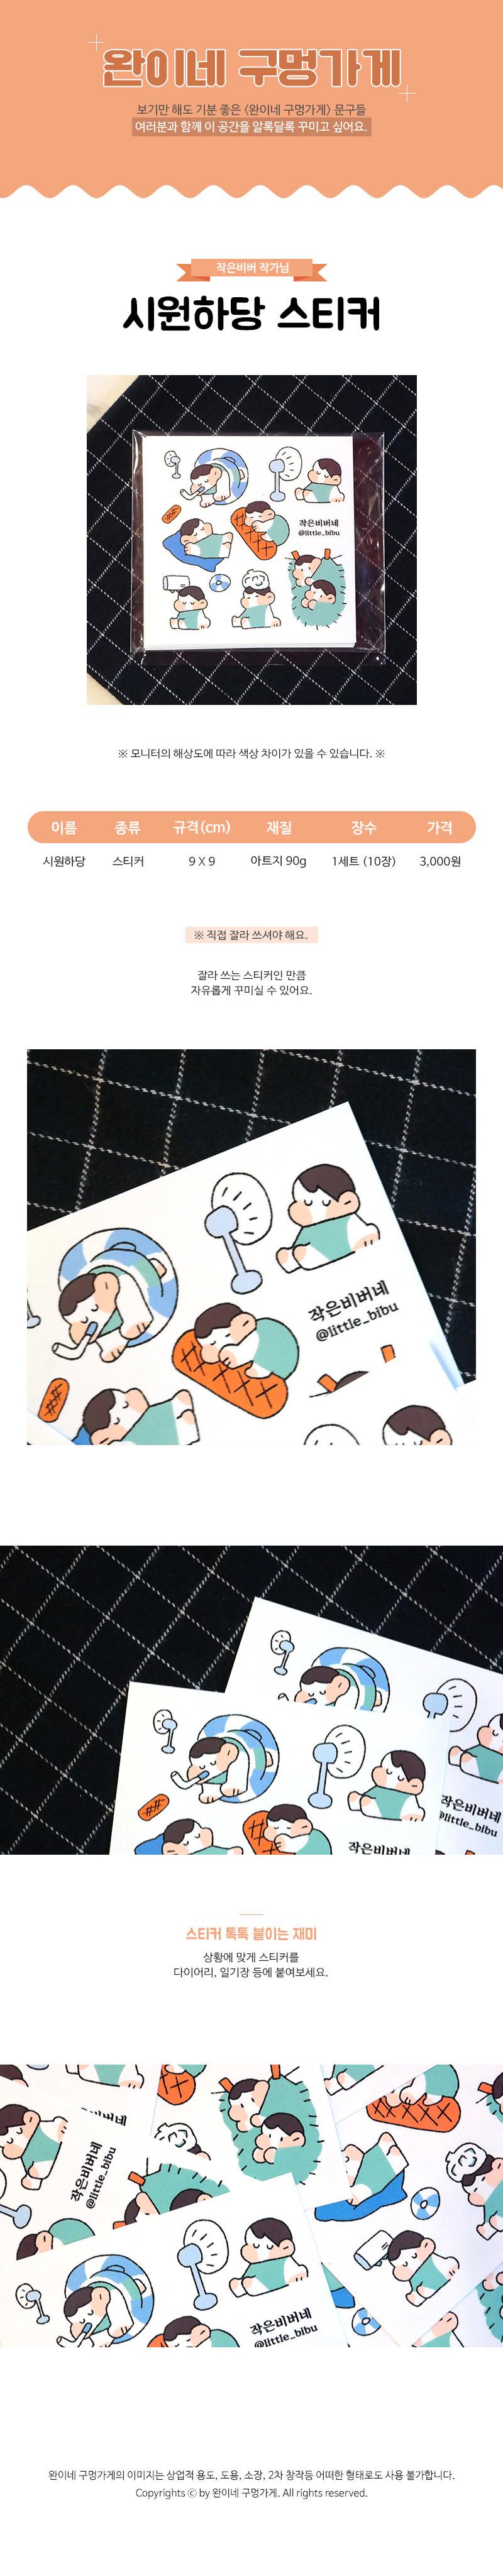 sticker590